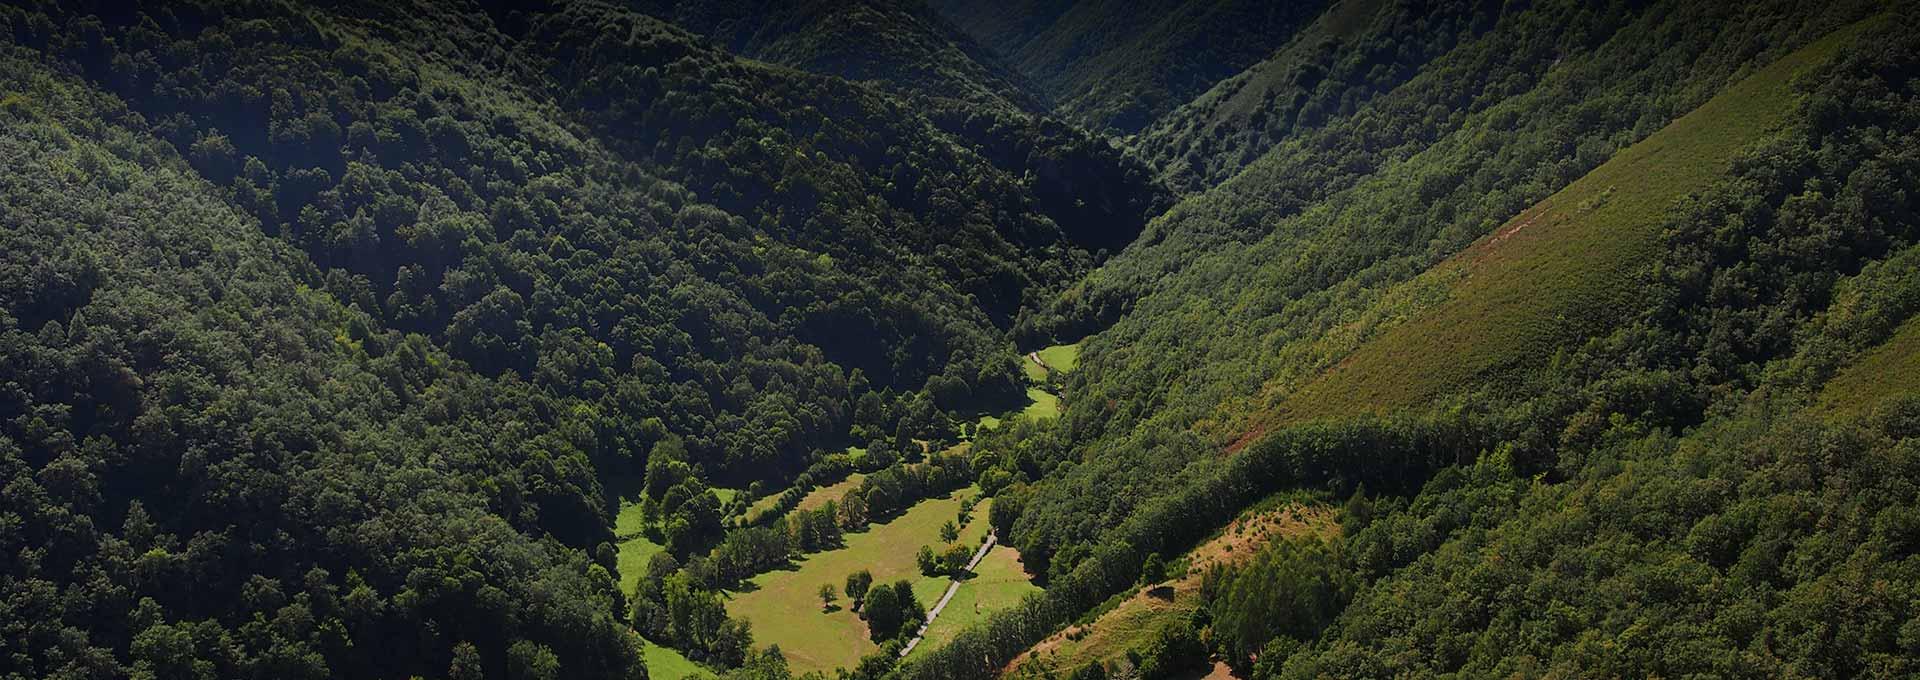 Bosque de Muniellos - Cangas del Narcea